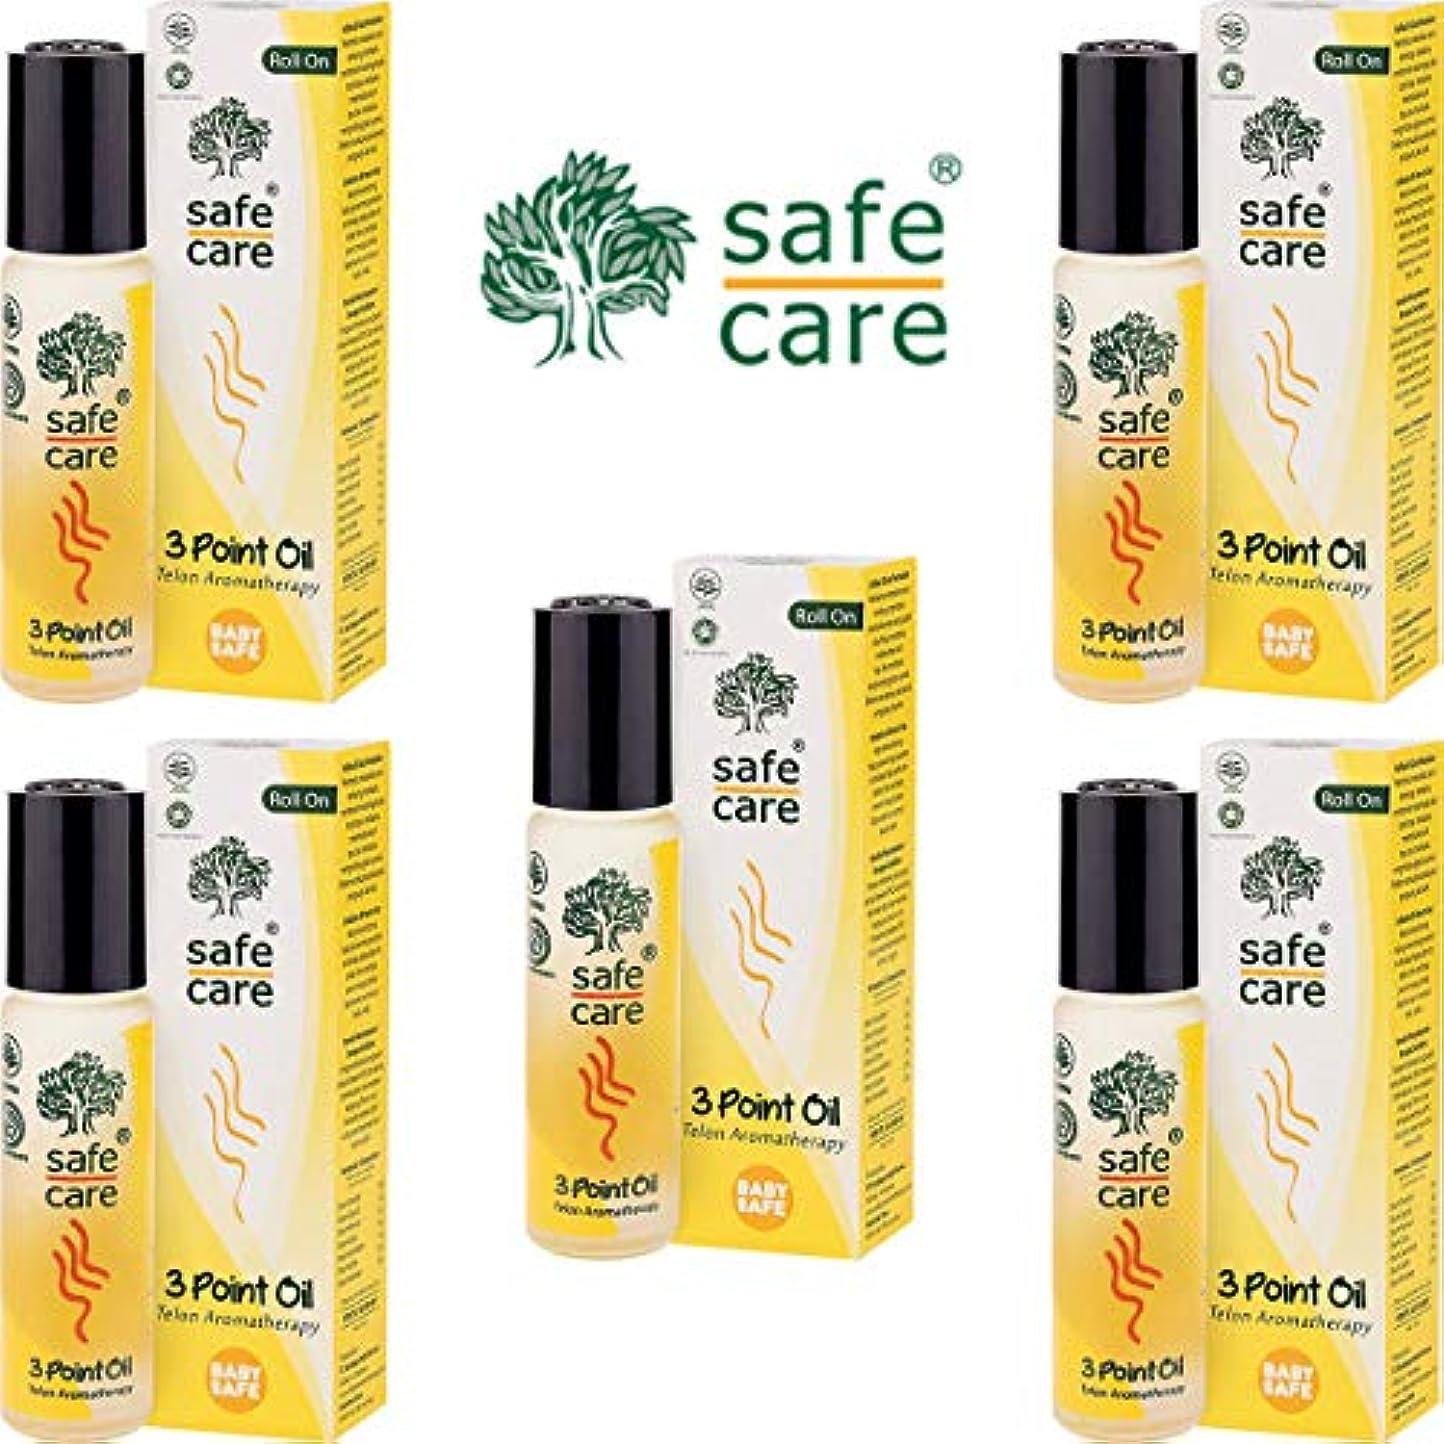 内陸すき報復するSafe Care セーフケア Aromatherapy Telon 3Point Oil アロマテラピー リフレッシュオイル テロン3ポイントオイル ロールオン 10ml×5本セット [海外直送品]